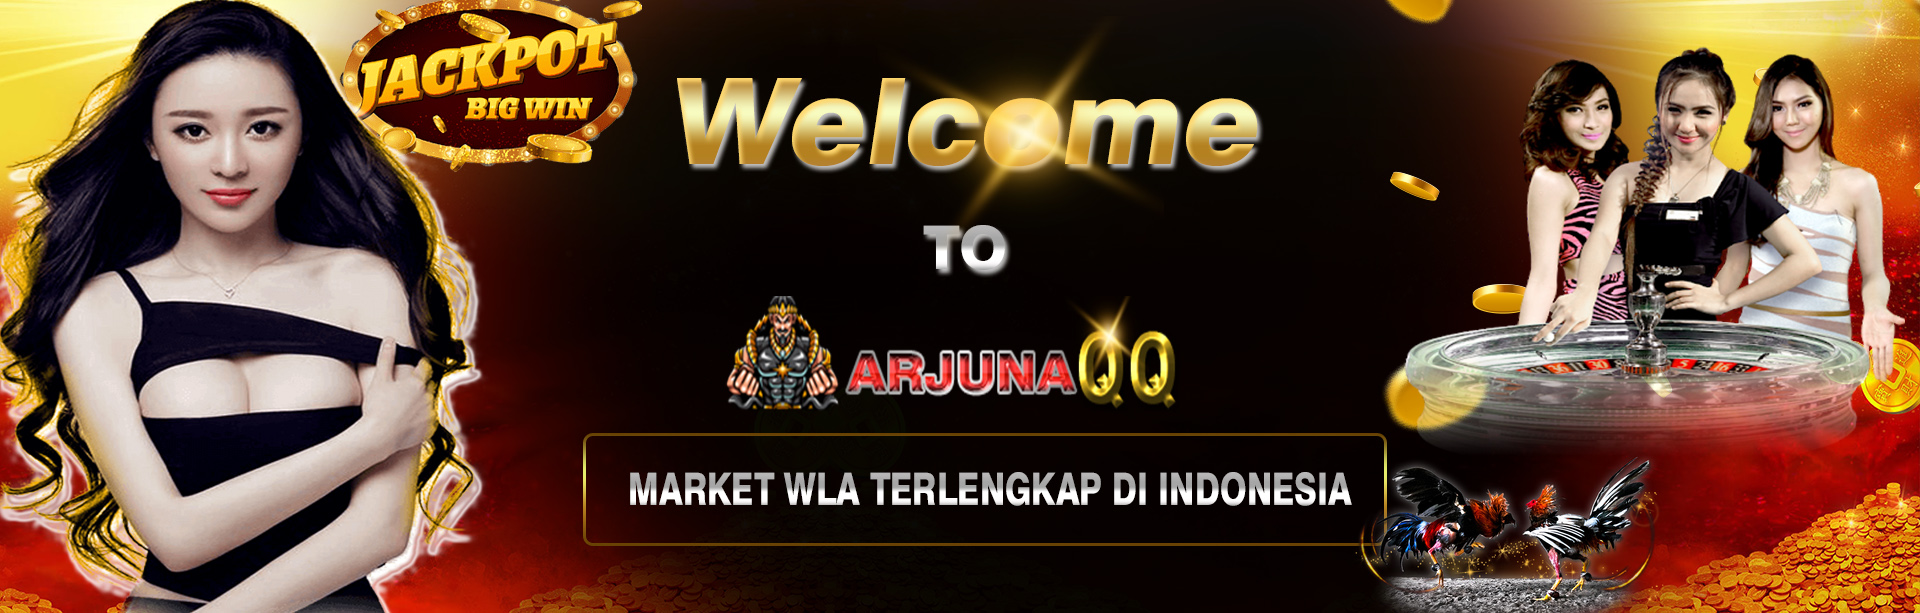 Welcome To ARJUNAQQ